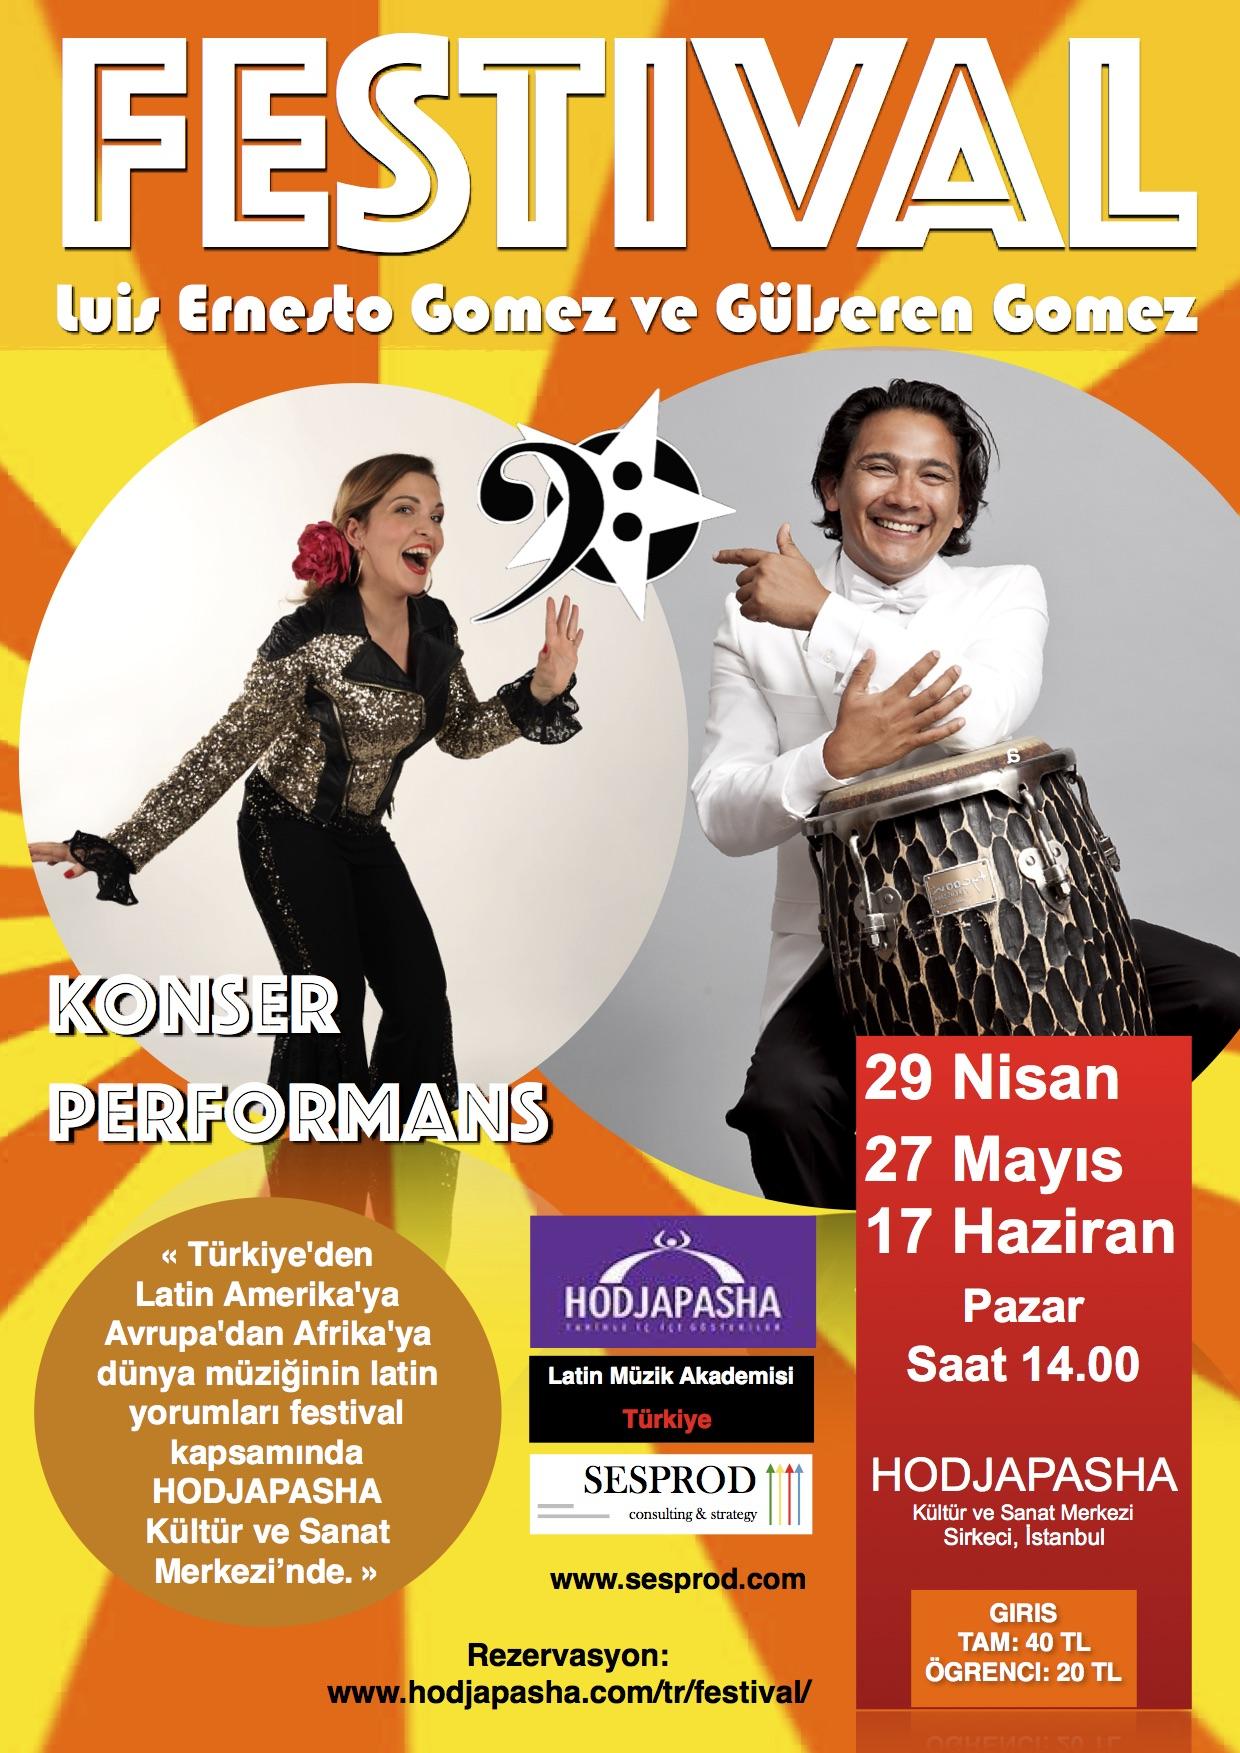 Festival by Luis Ernesto Gomez & Gülseren Gomez